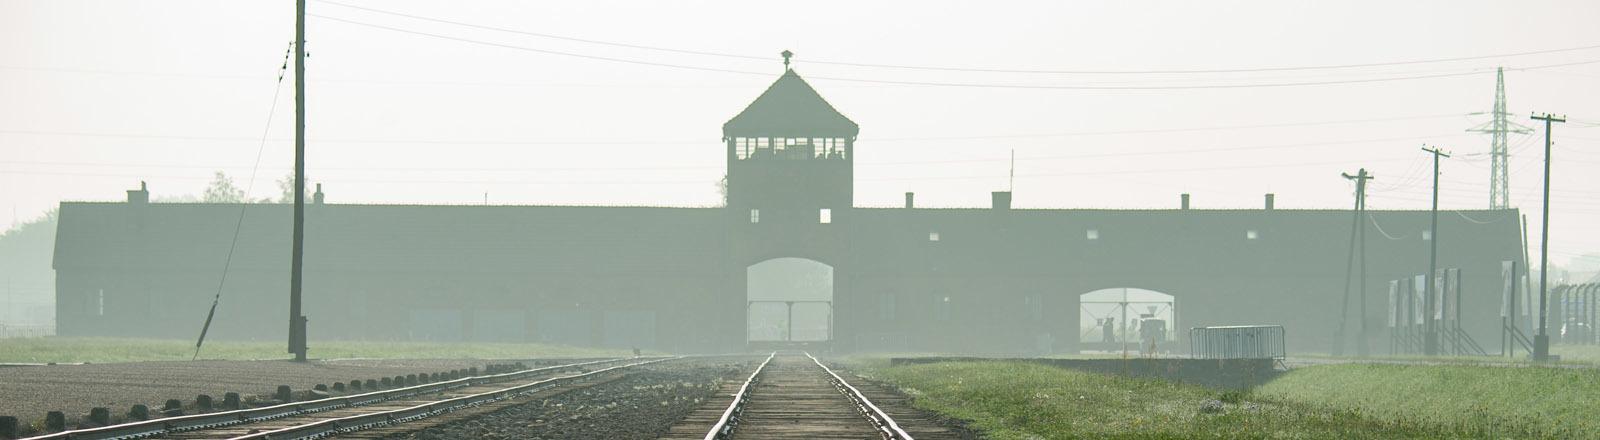 Gleise auf dem Gelände des ehemaligen Konzentrationslagers Auschwitz